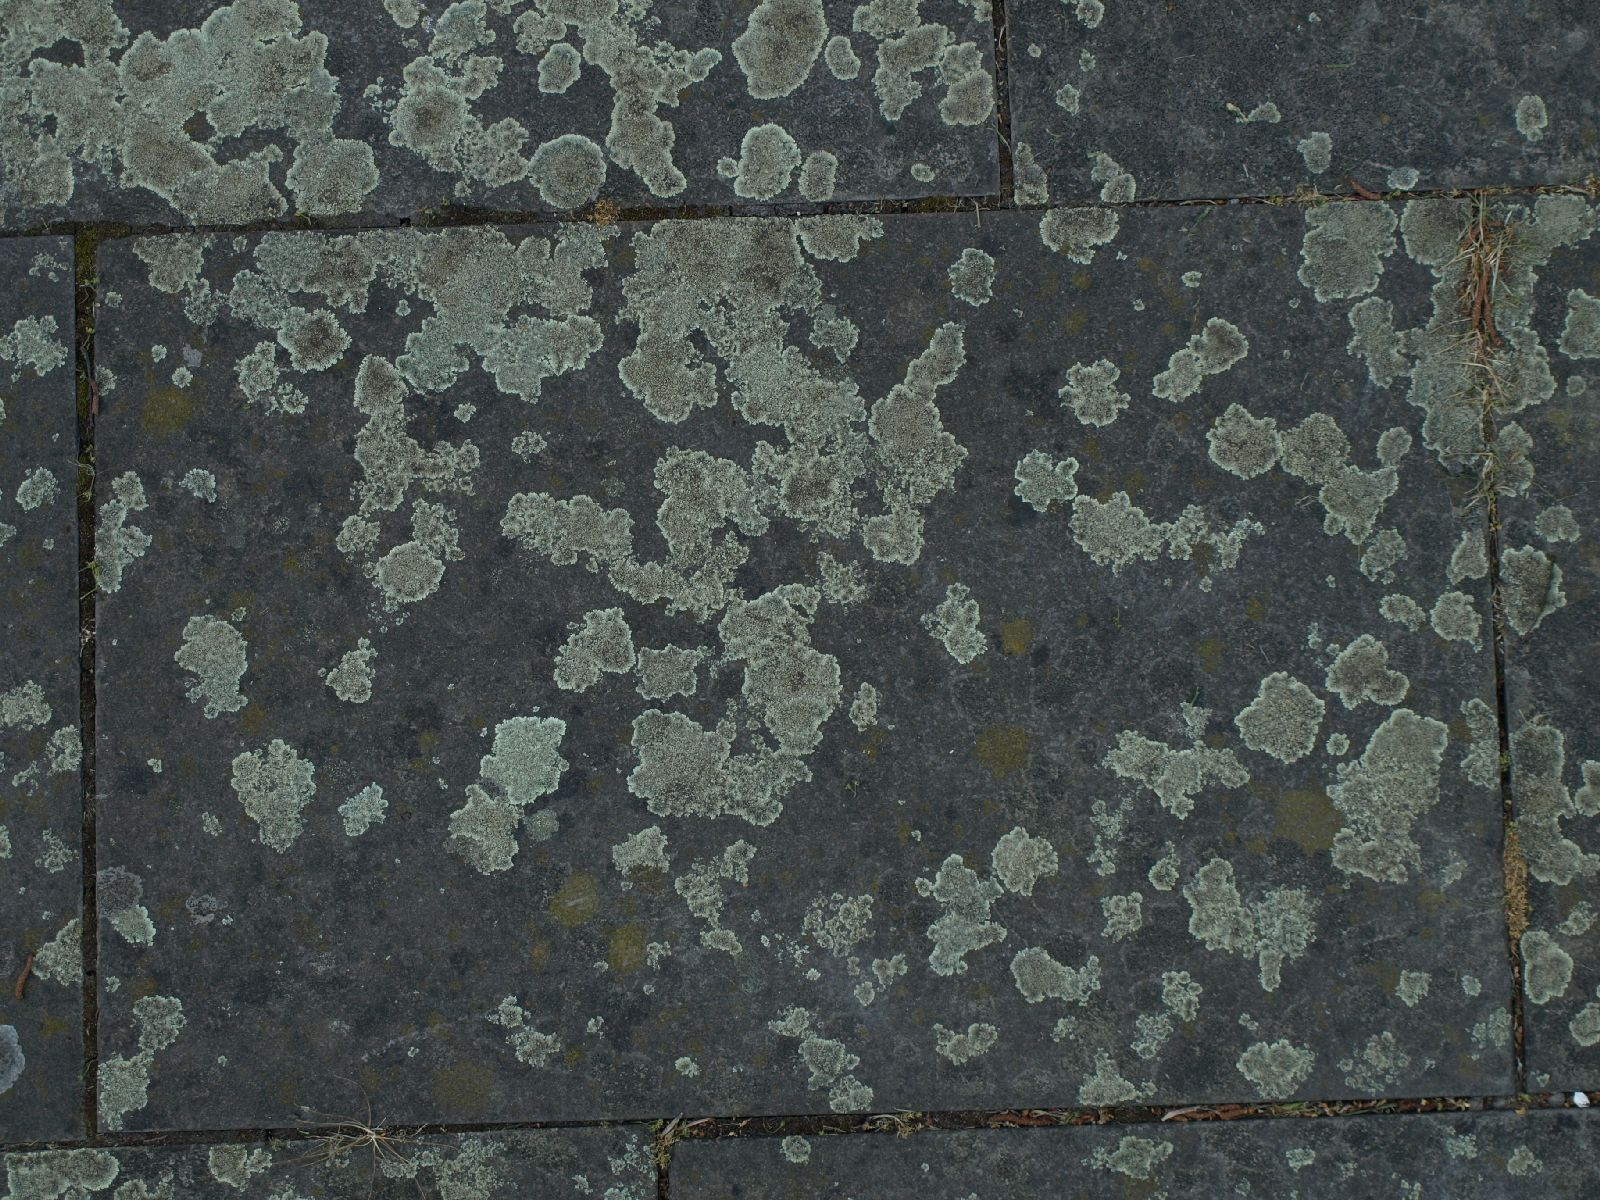 Ground-Urban_Texture_A_P5122664